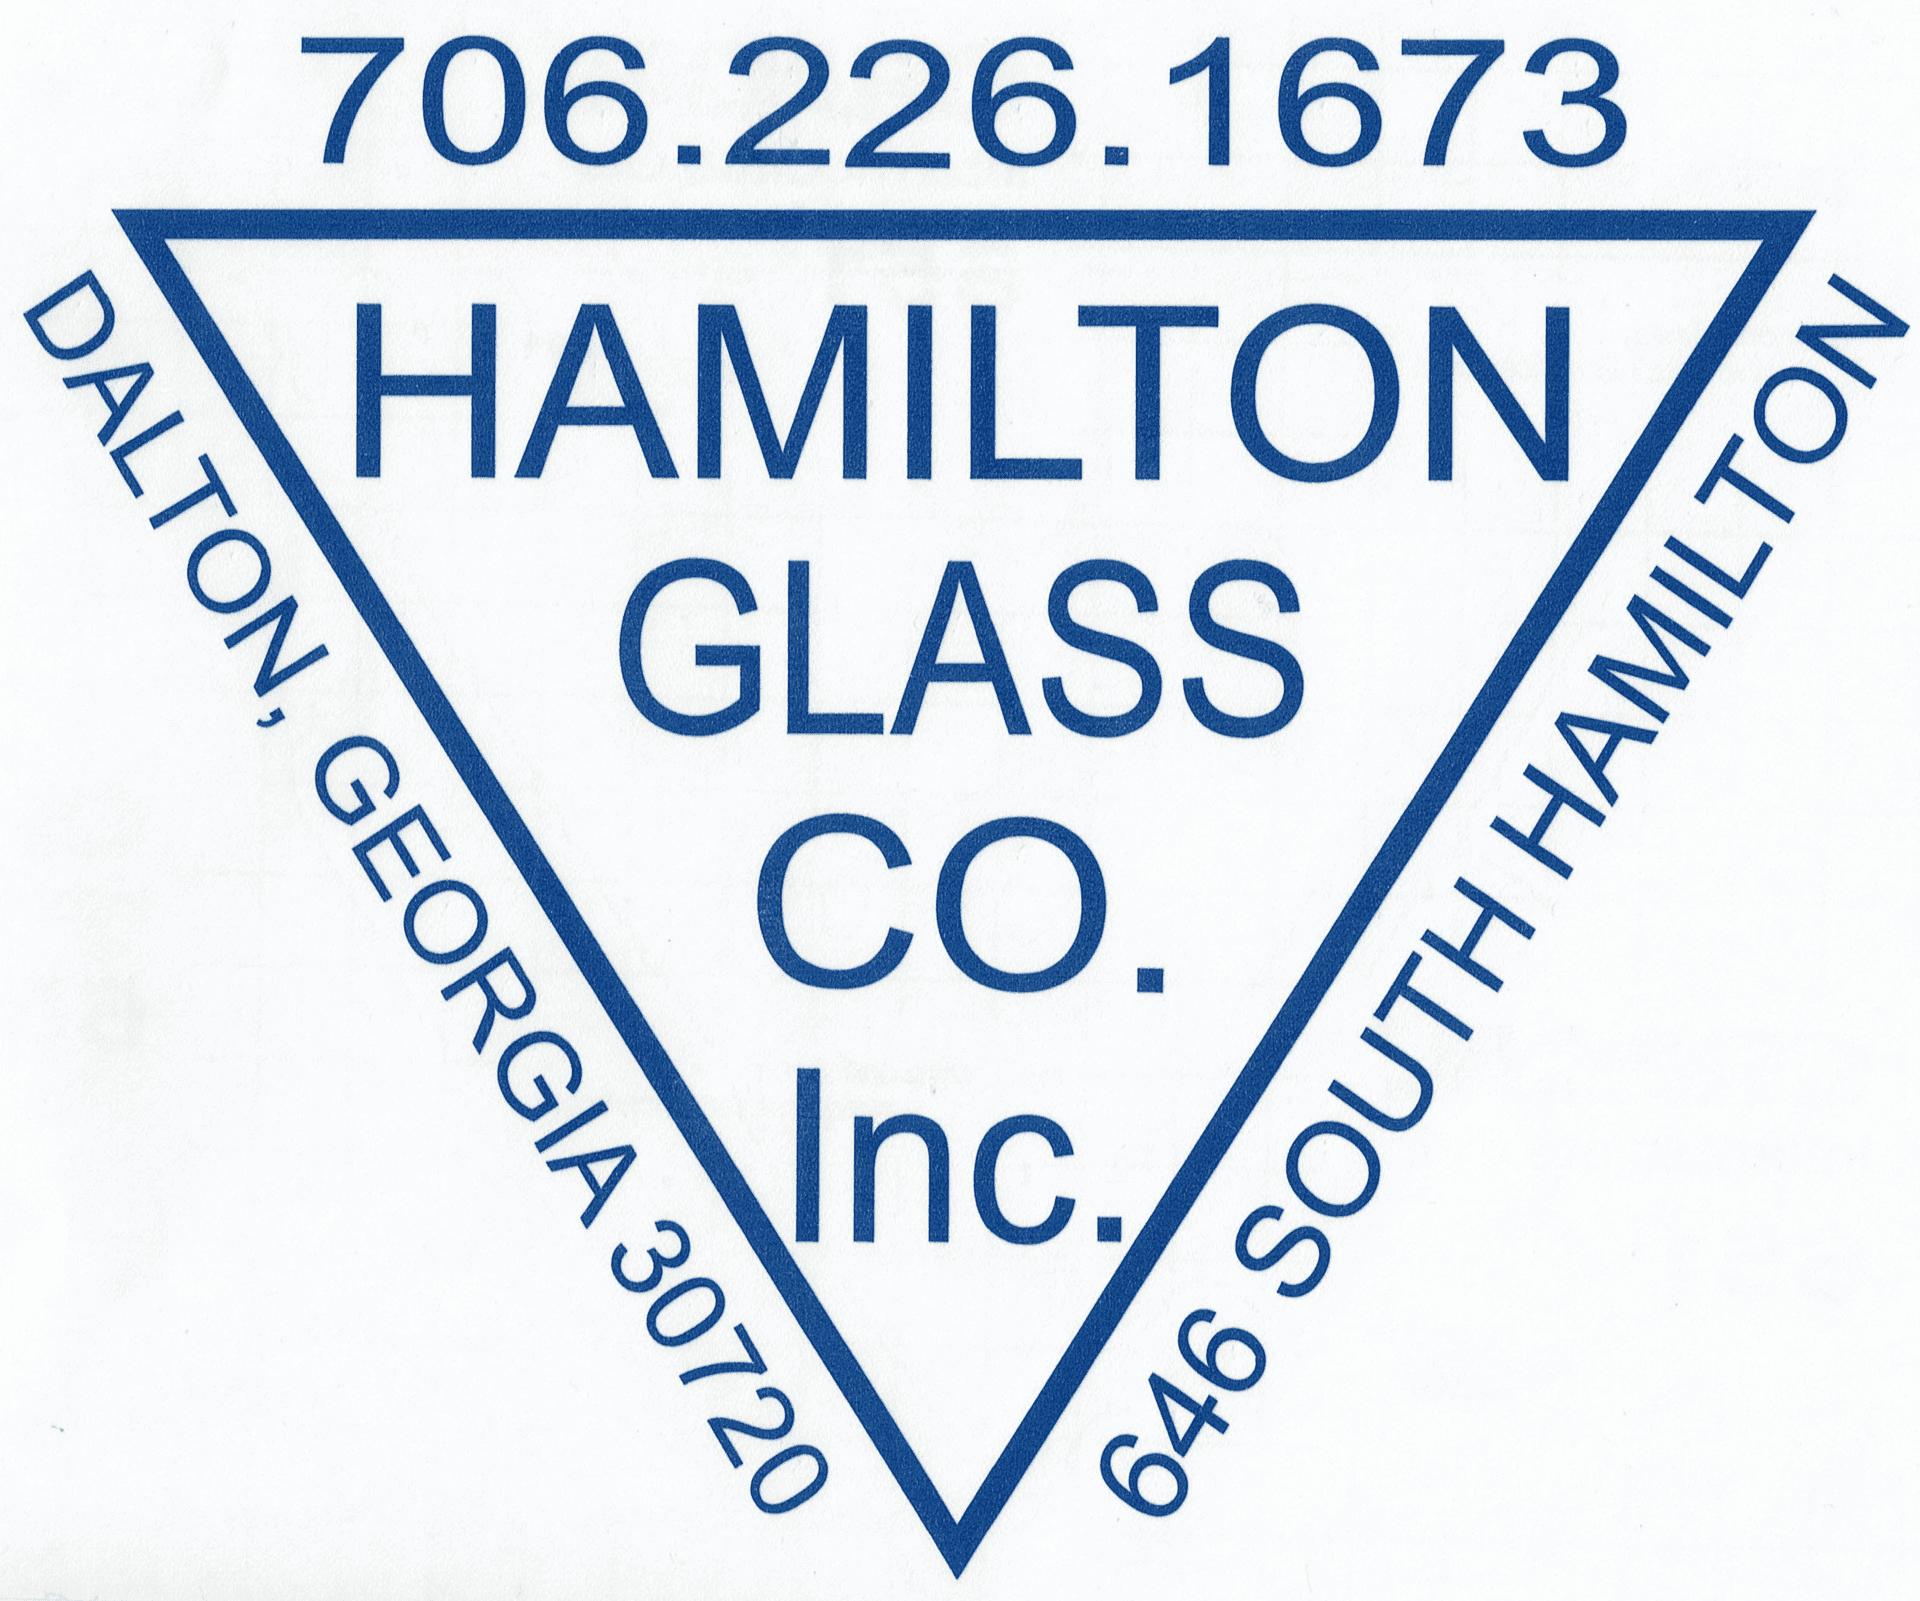 Hamilton Glass Company Inc. Logo